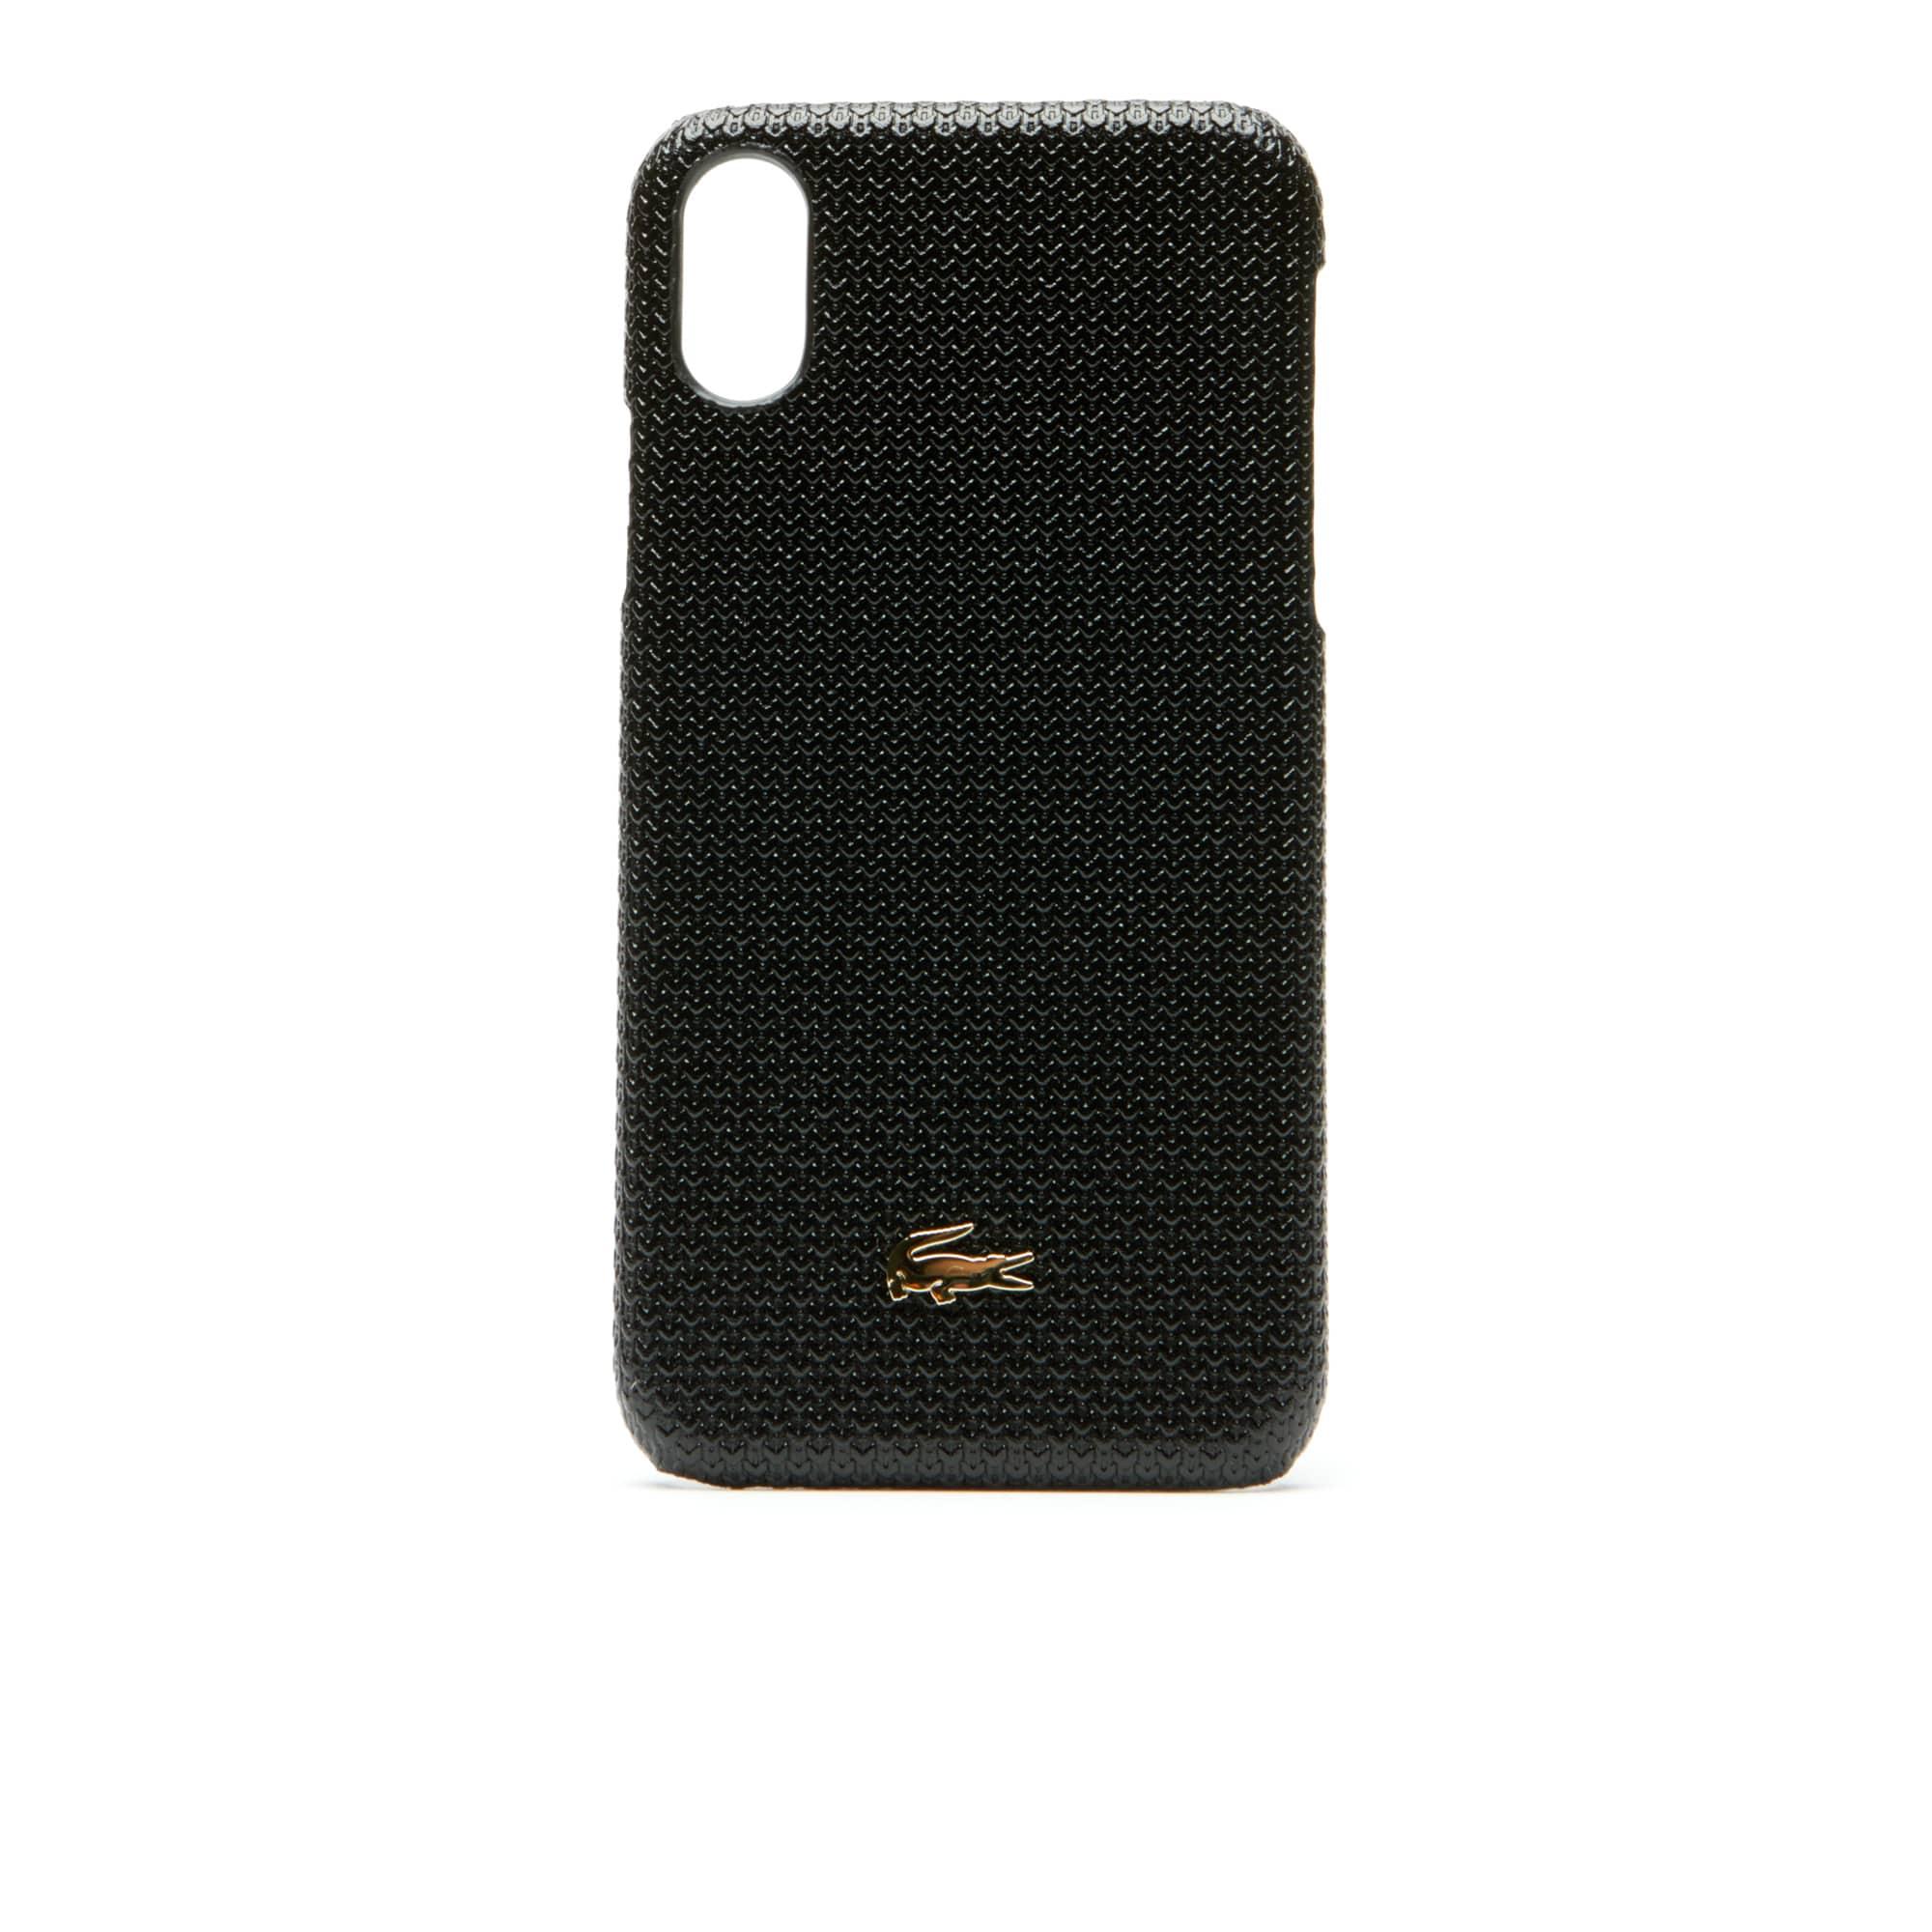 Damen CHANTACO iPhone X Hülle aus Piqué-Leder